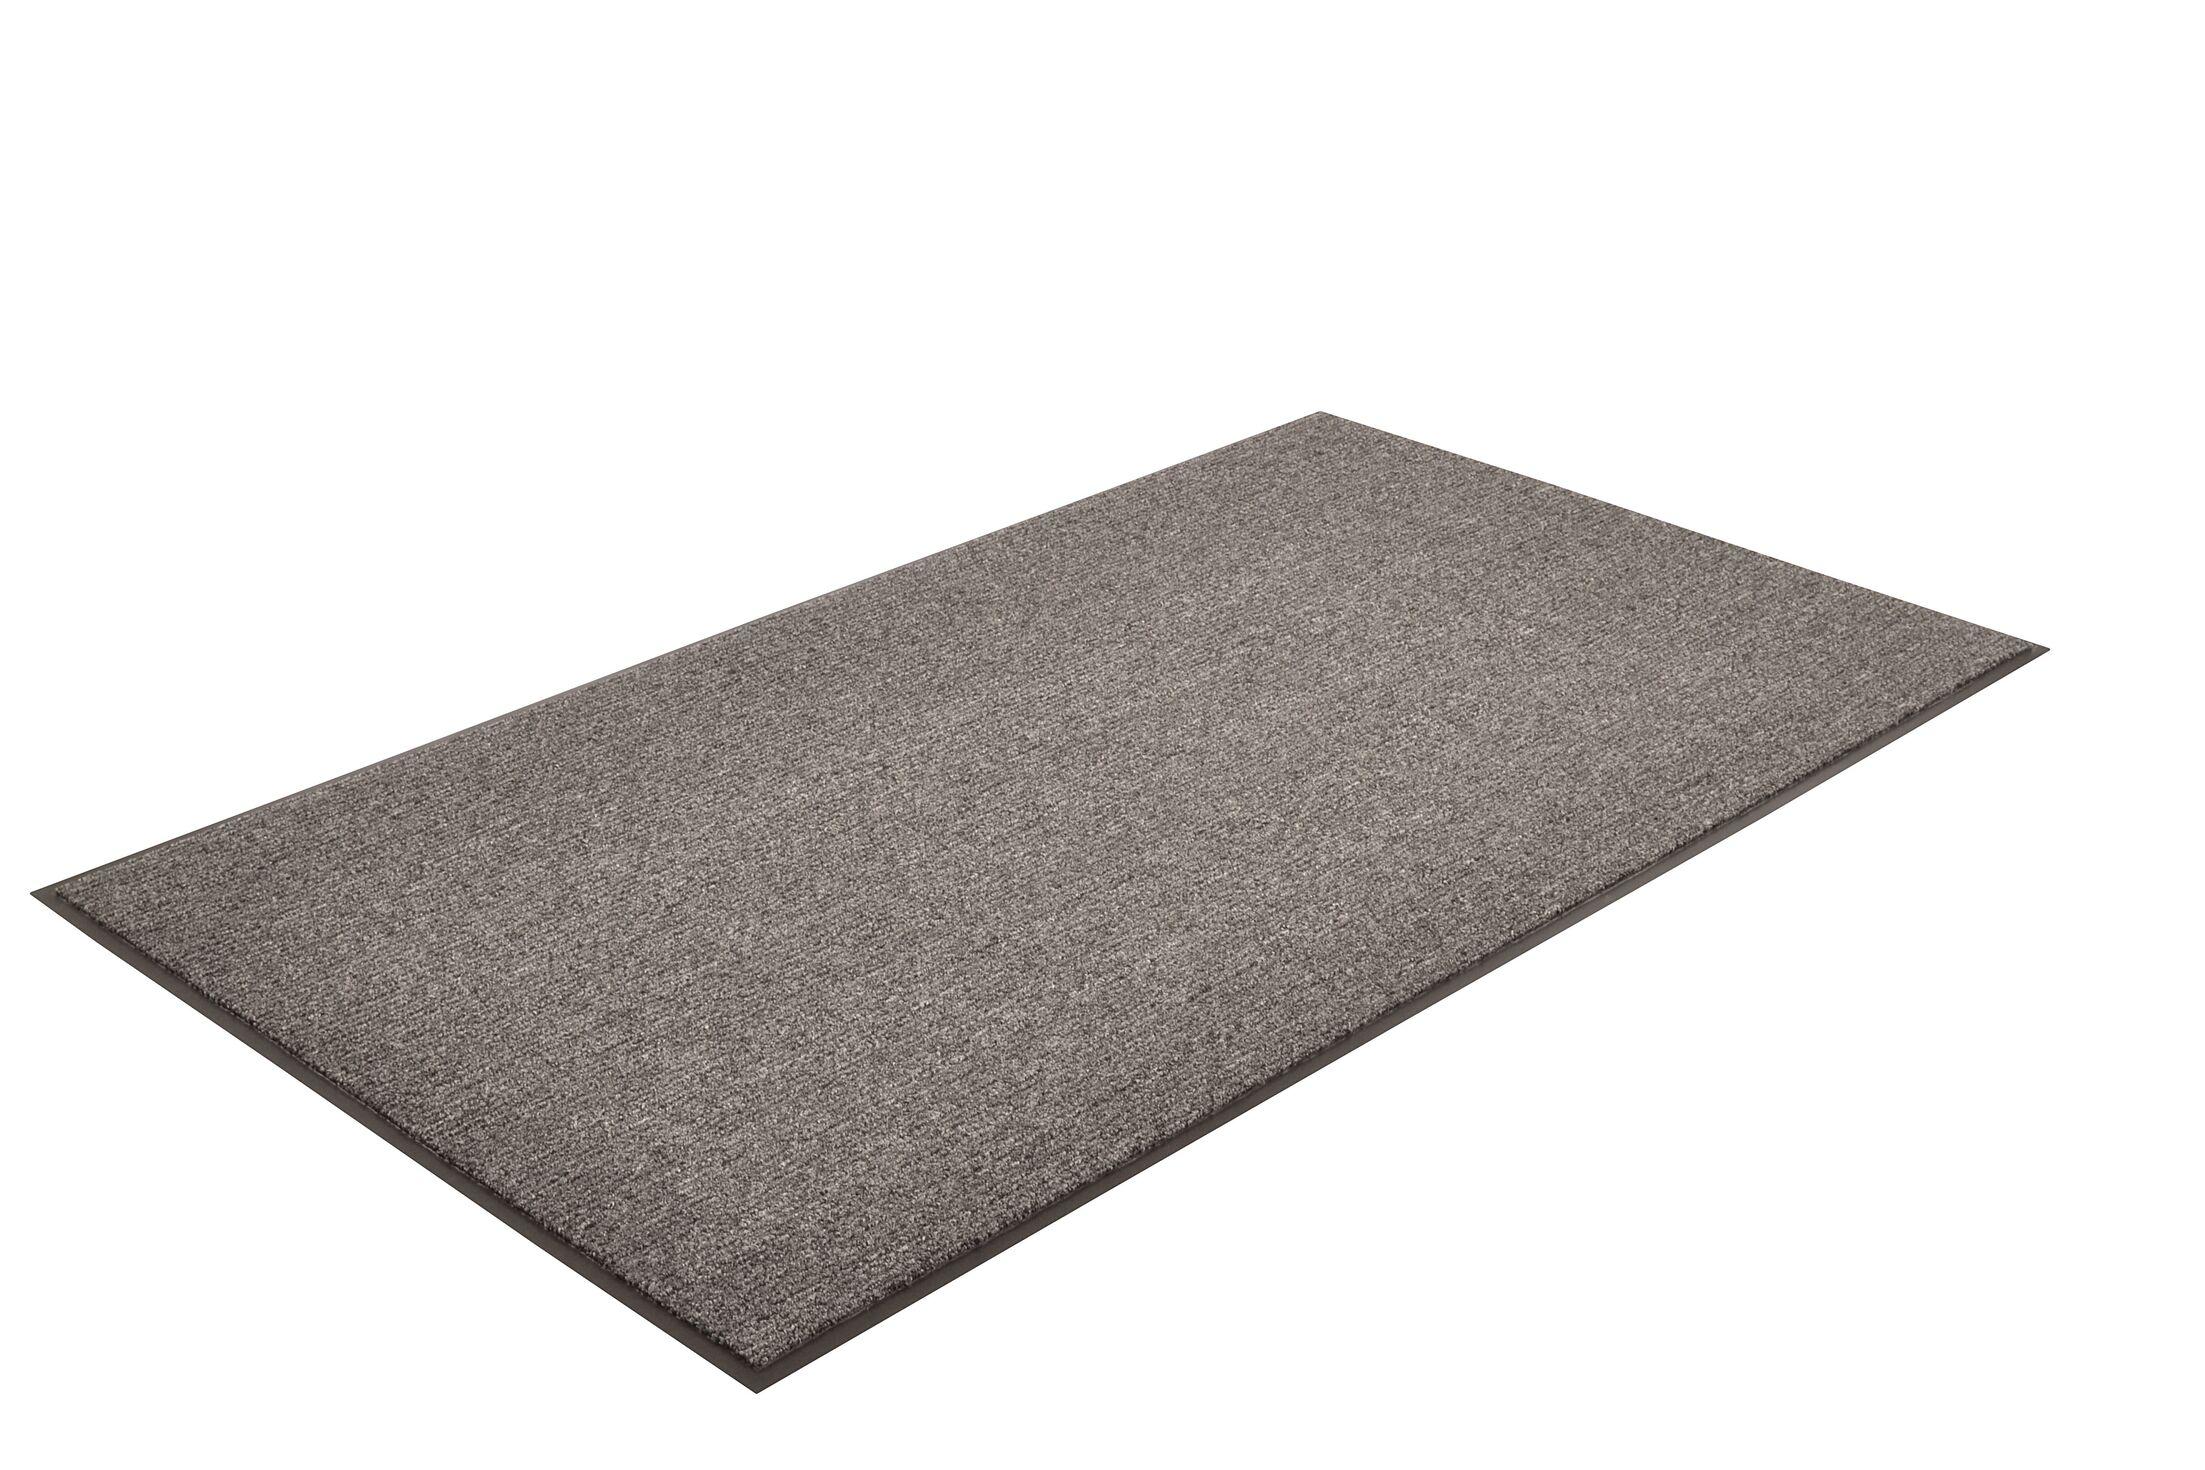 Solid Estes Doormat Color: Charcoal, Mat Size: Rectangle 4' x 8'